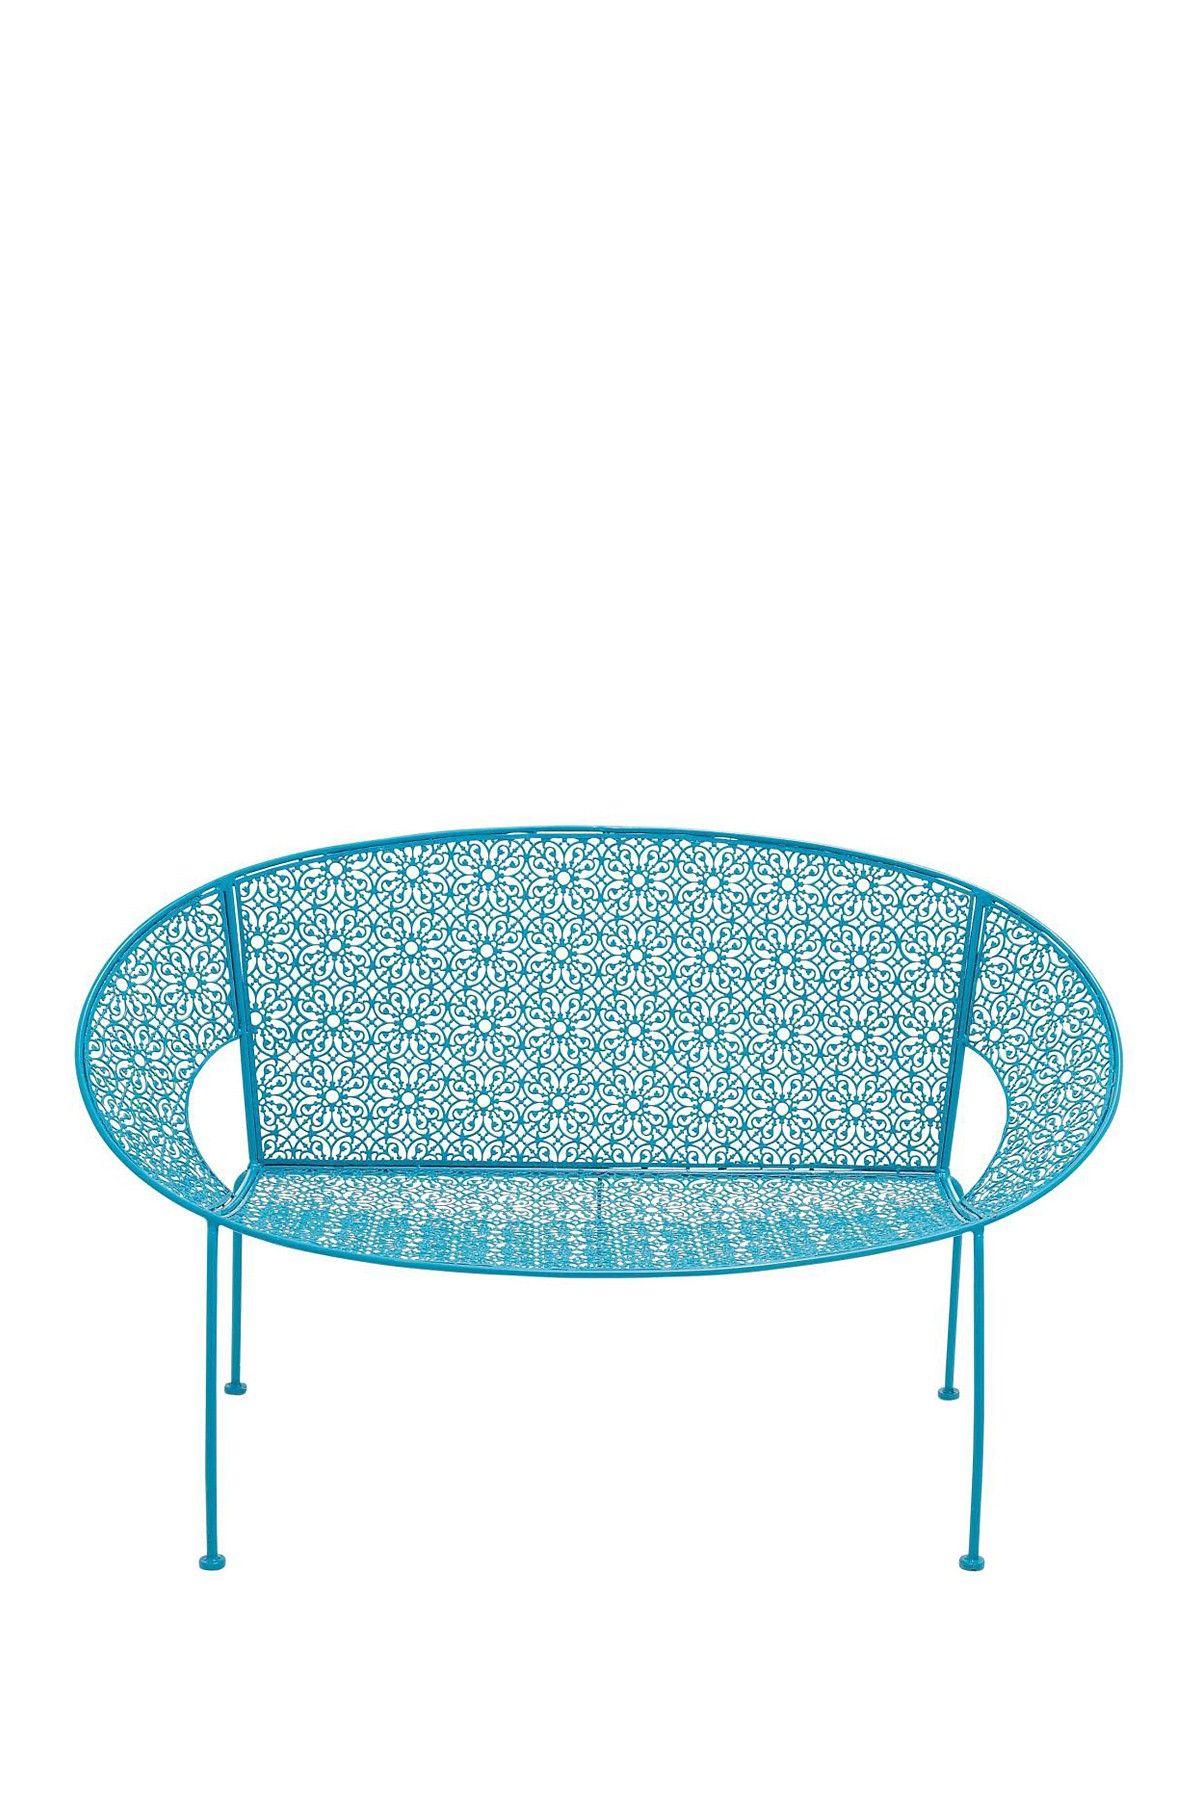 metal blue garden bench - set of 2 on hautelook | garden